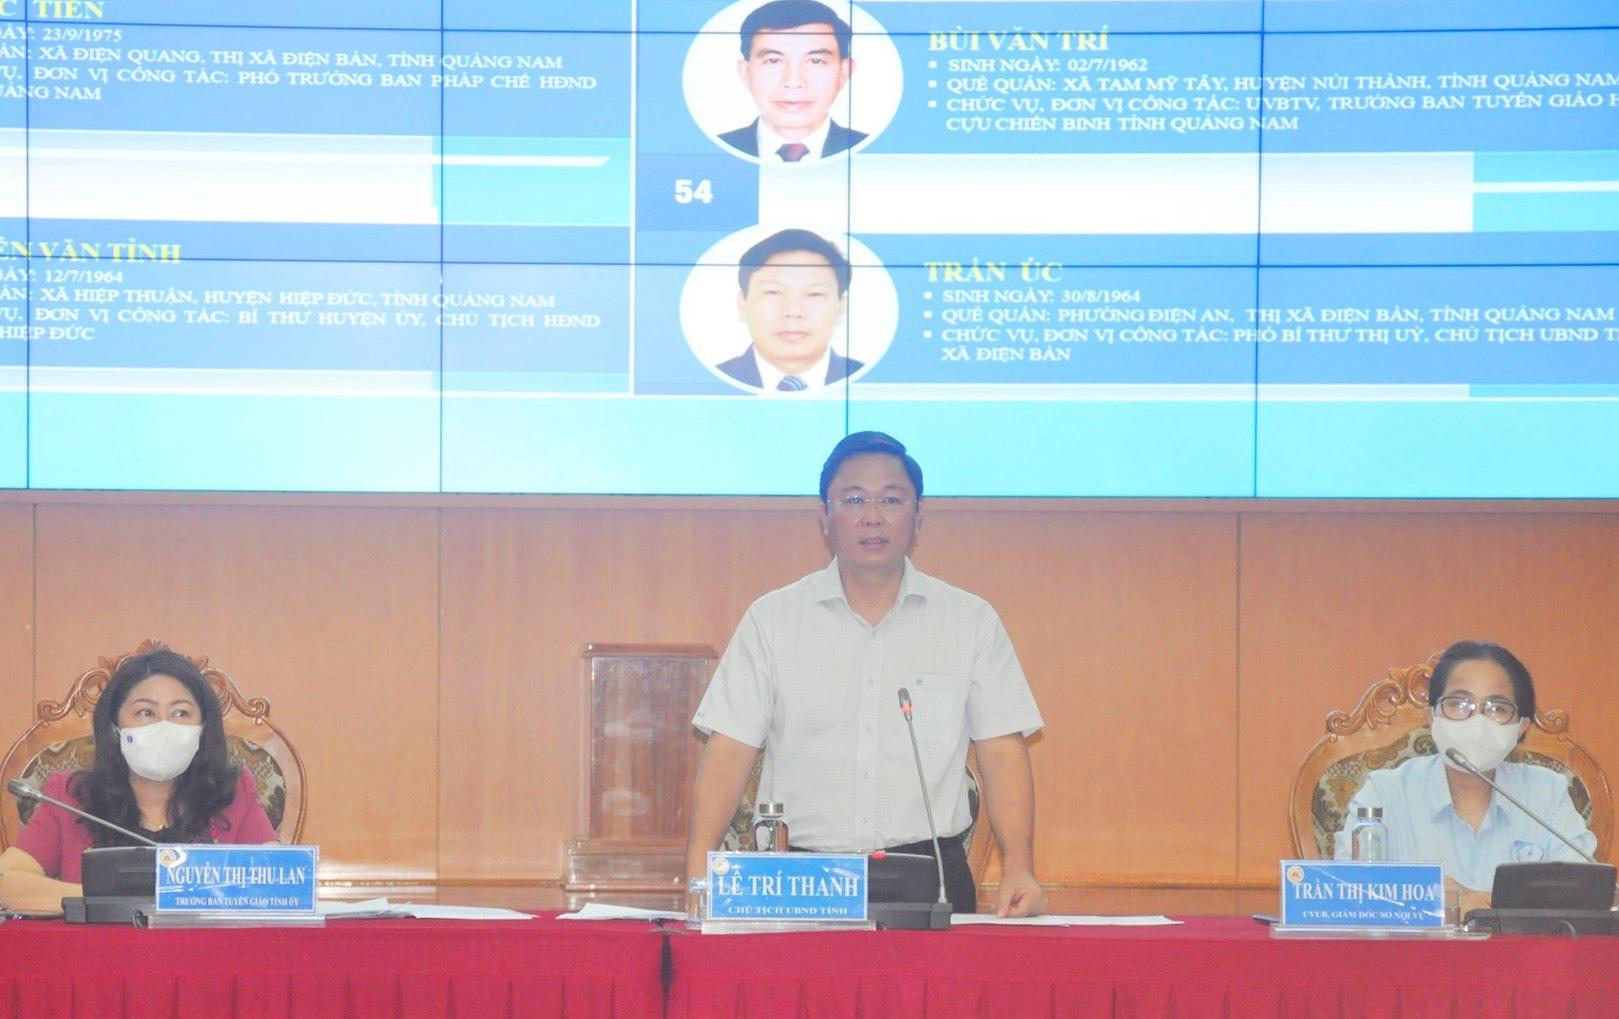 Chủ tịch UBND tỉnh Lê Trí Thanh - Chủ tịch UBBC tỉnh cảm ơn báo chí đã đồng hành thông tin kịp thời về các nội dung chuẩn bị bầu cử và tổ chức cuộc bầu cử thành công tốt đẹp của Quảng Nam. Ảnh: N.Đ